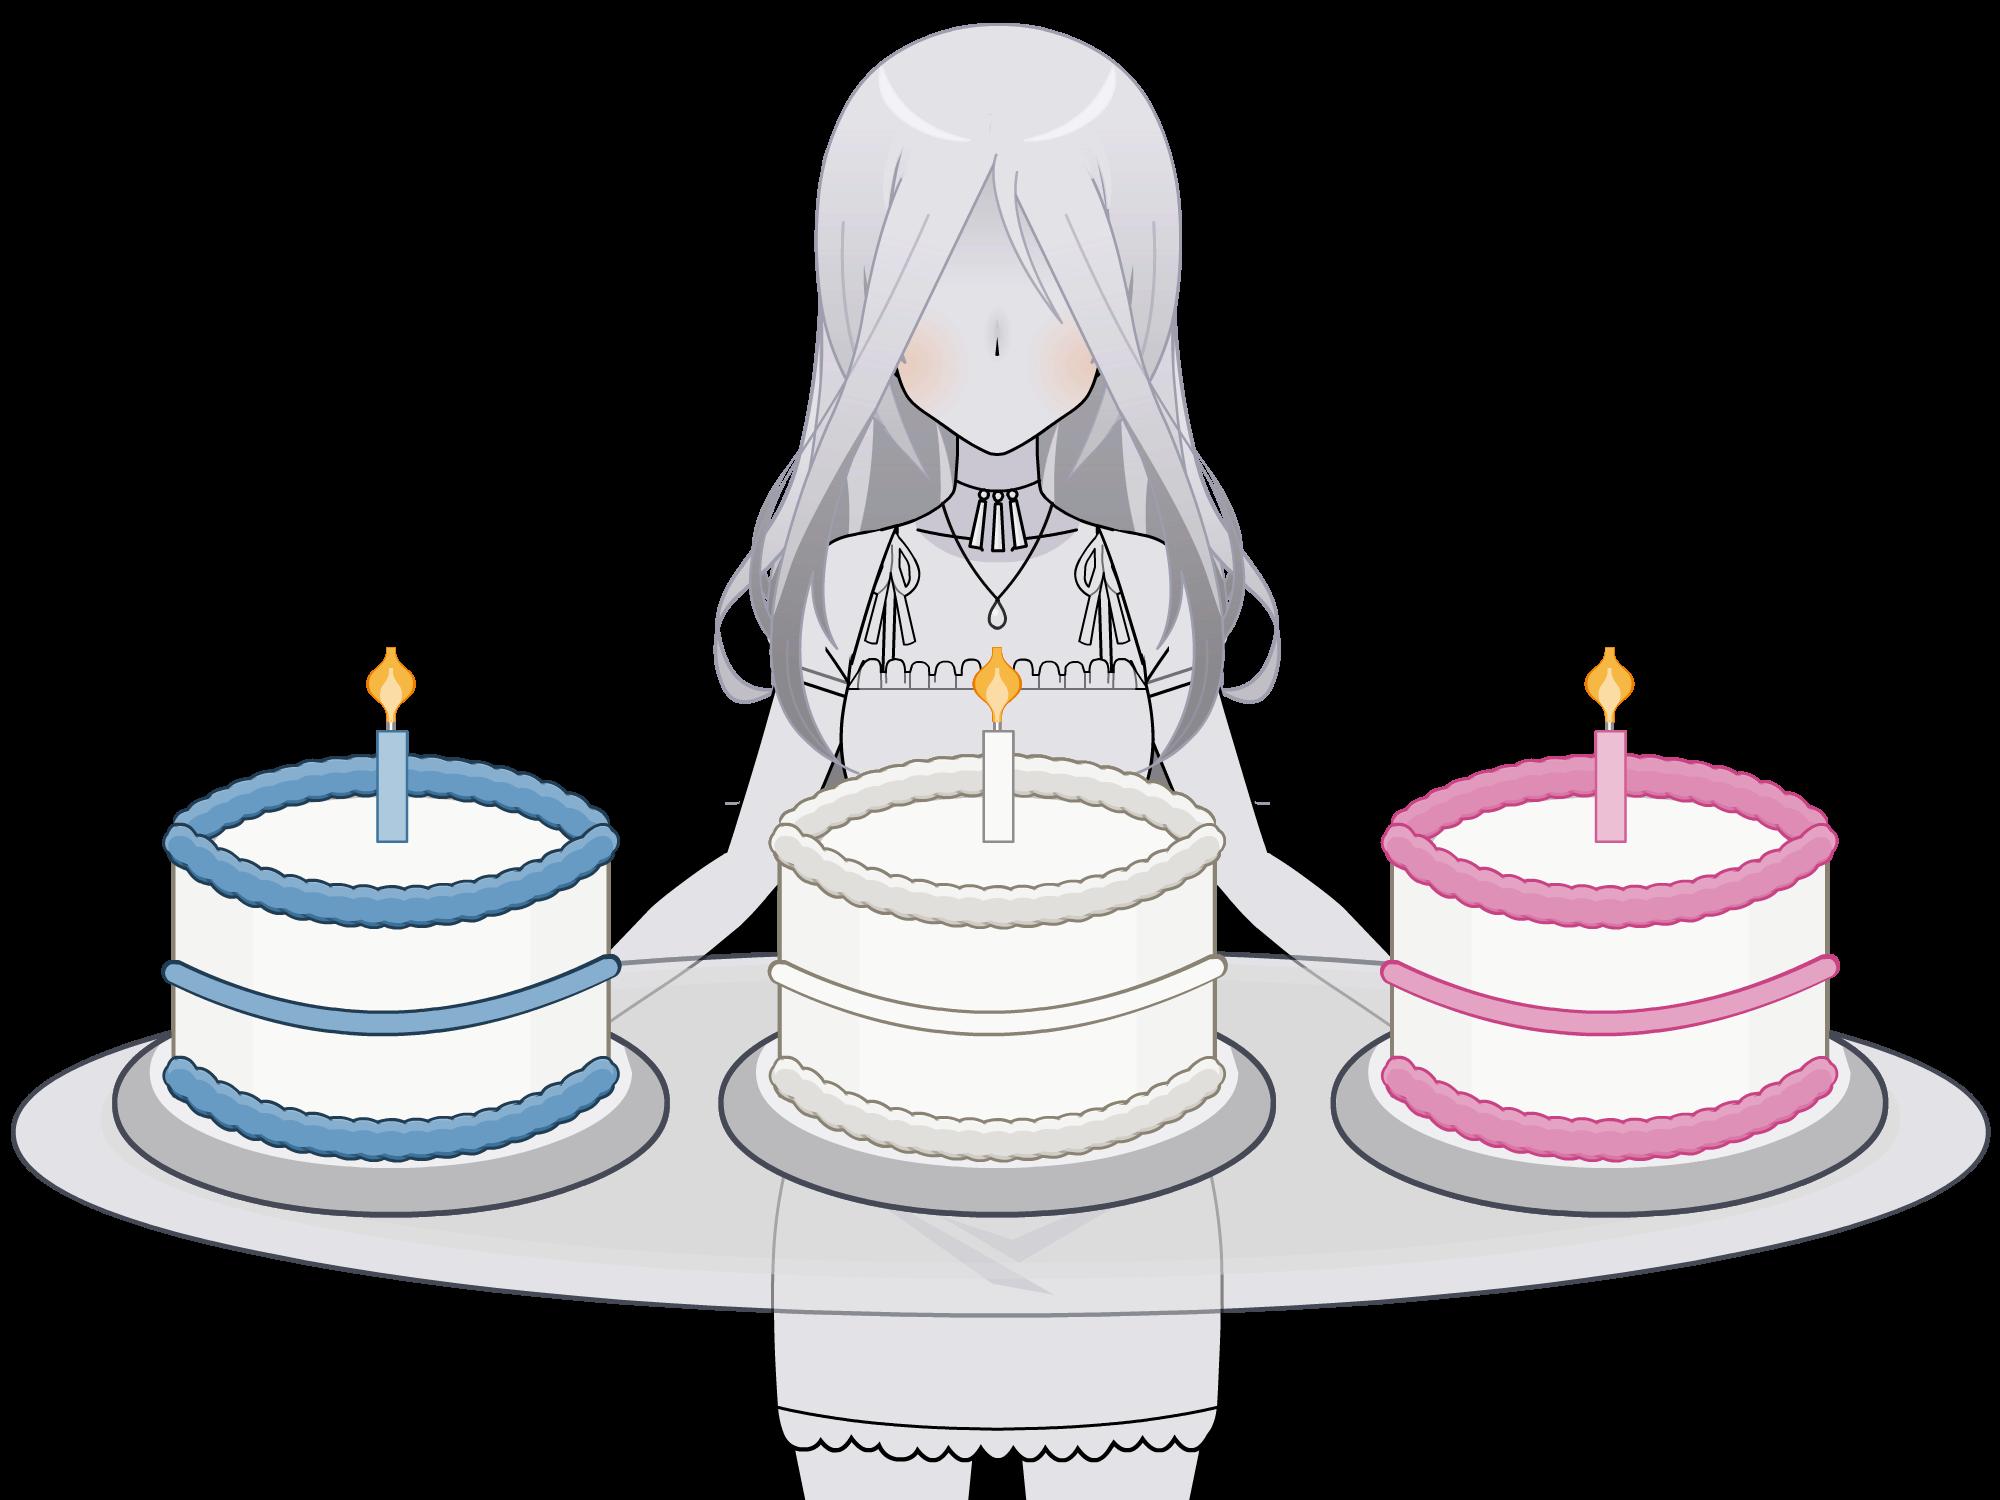 Birthday cakes kisekae exports by idessa on deviantart birthday cakes kisekae exports by idessa publicscrutiny Choice Image